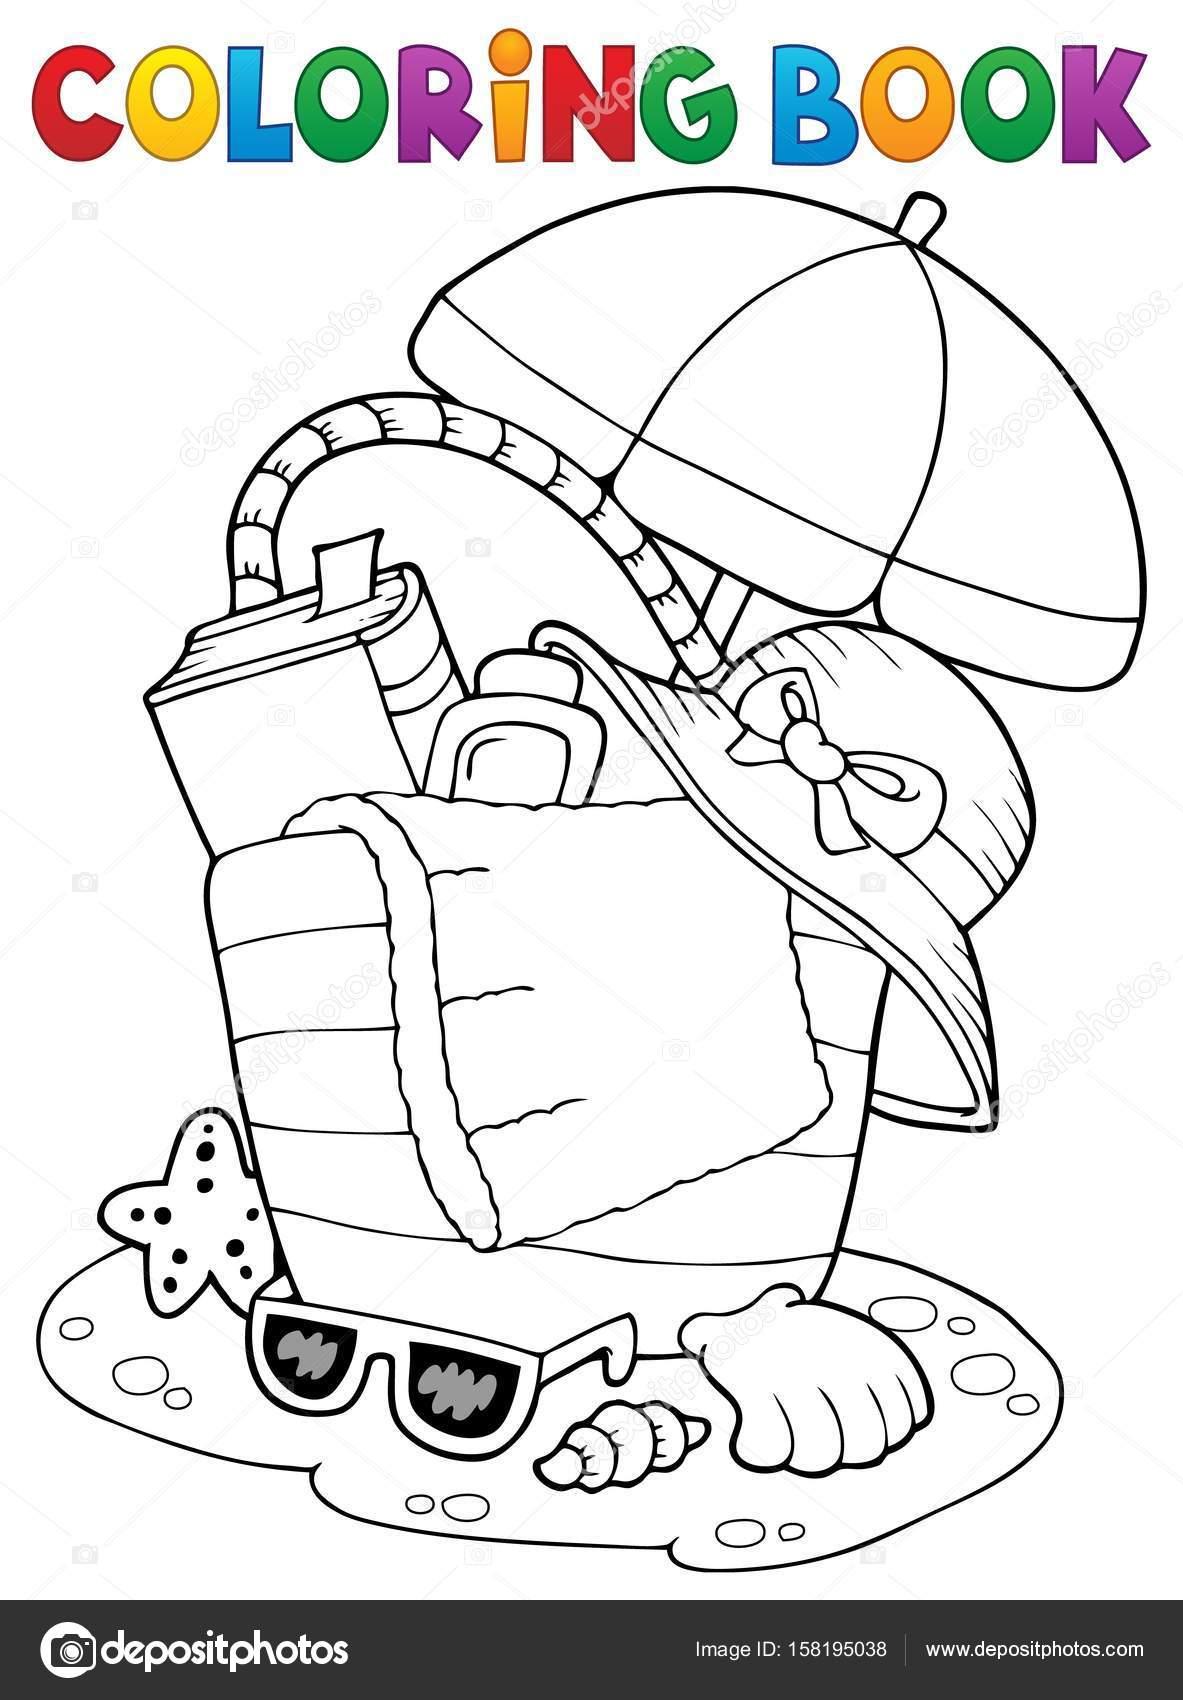 Paraguas y bolso de playa de libro para colorear — Archivo Imágenes ...